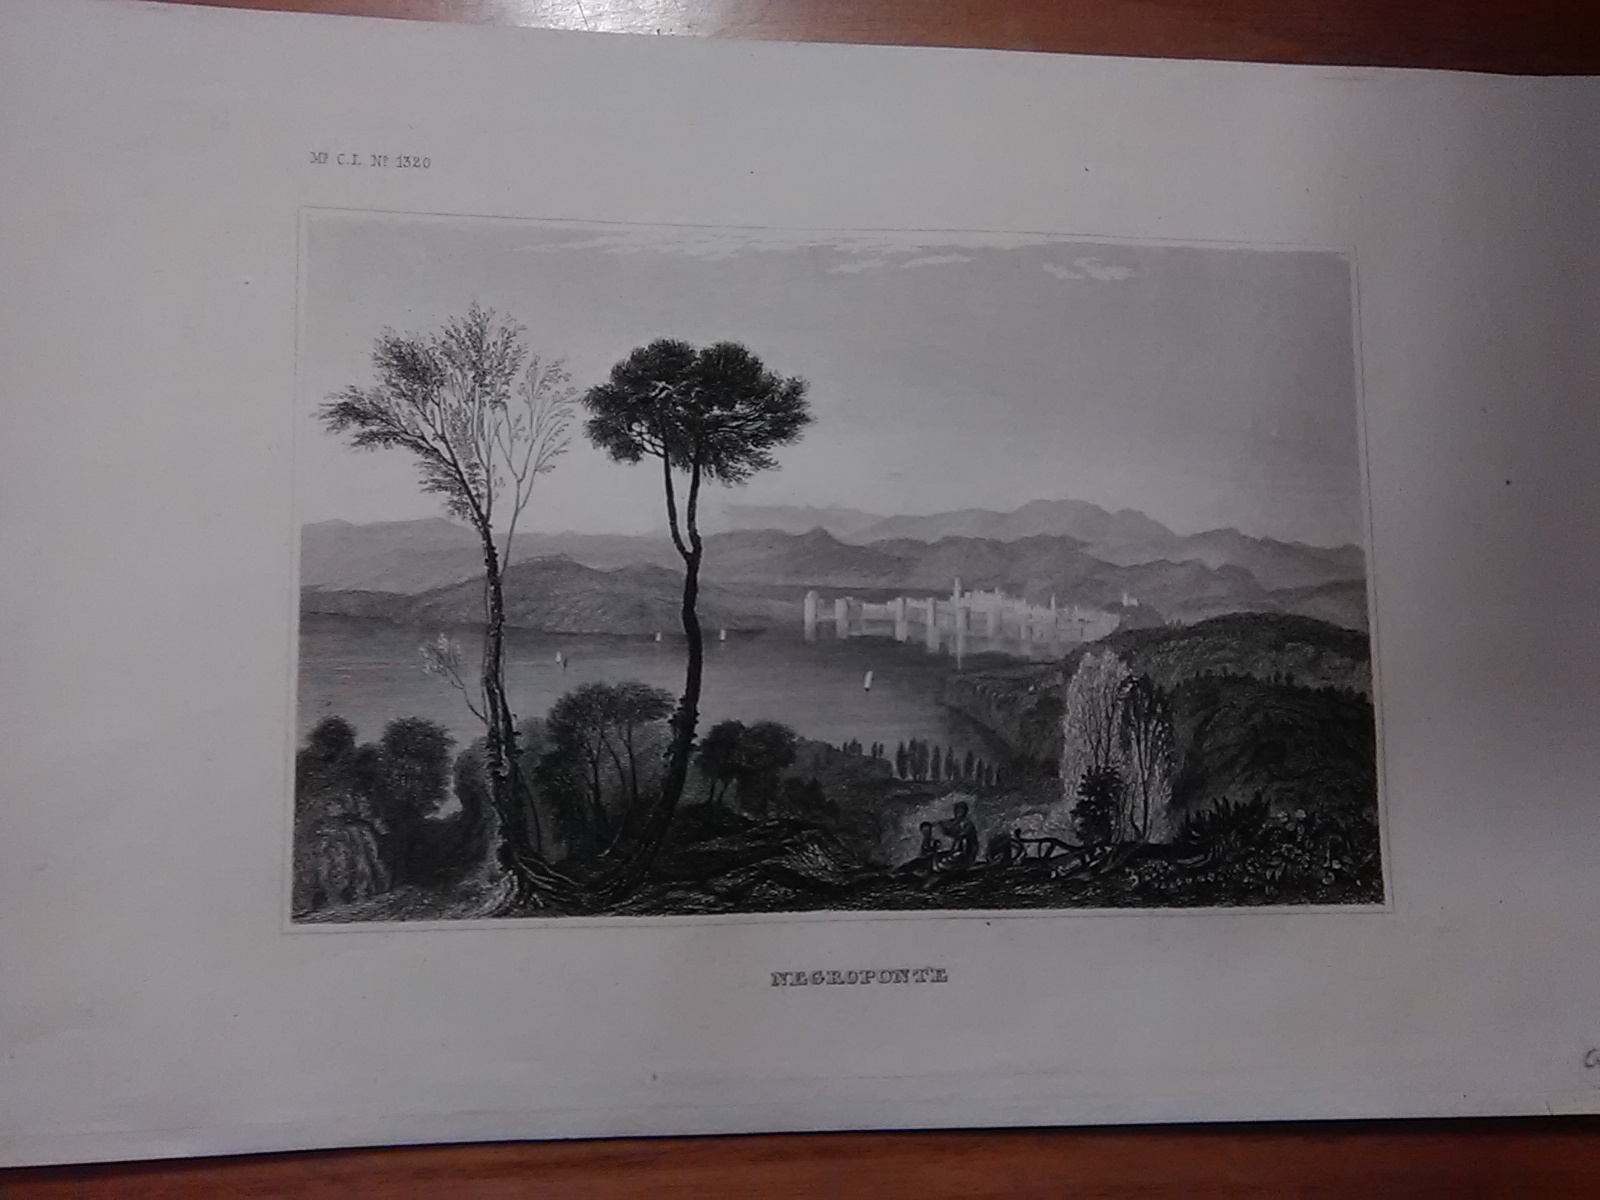 νεγρεποντε 1850.jpg